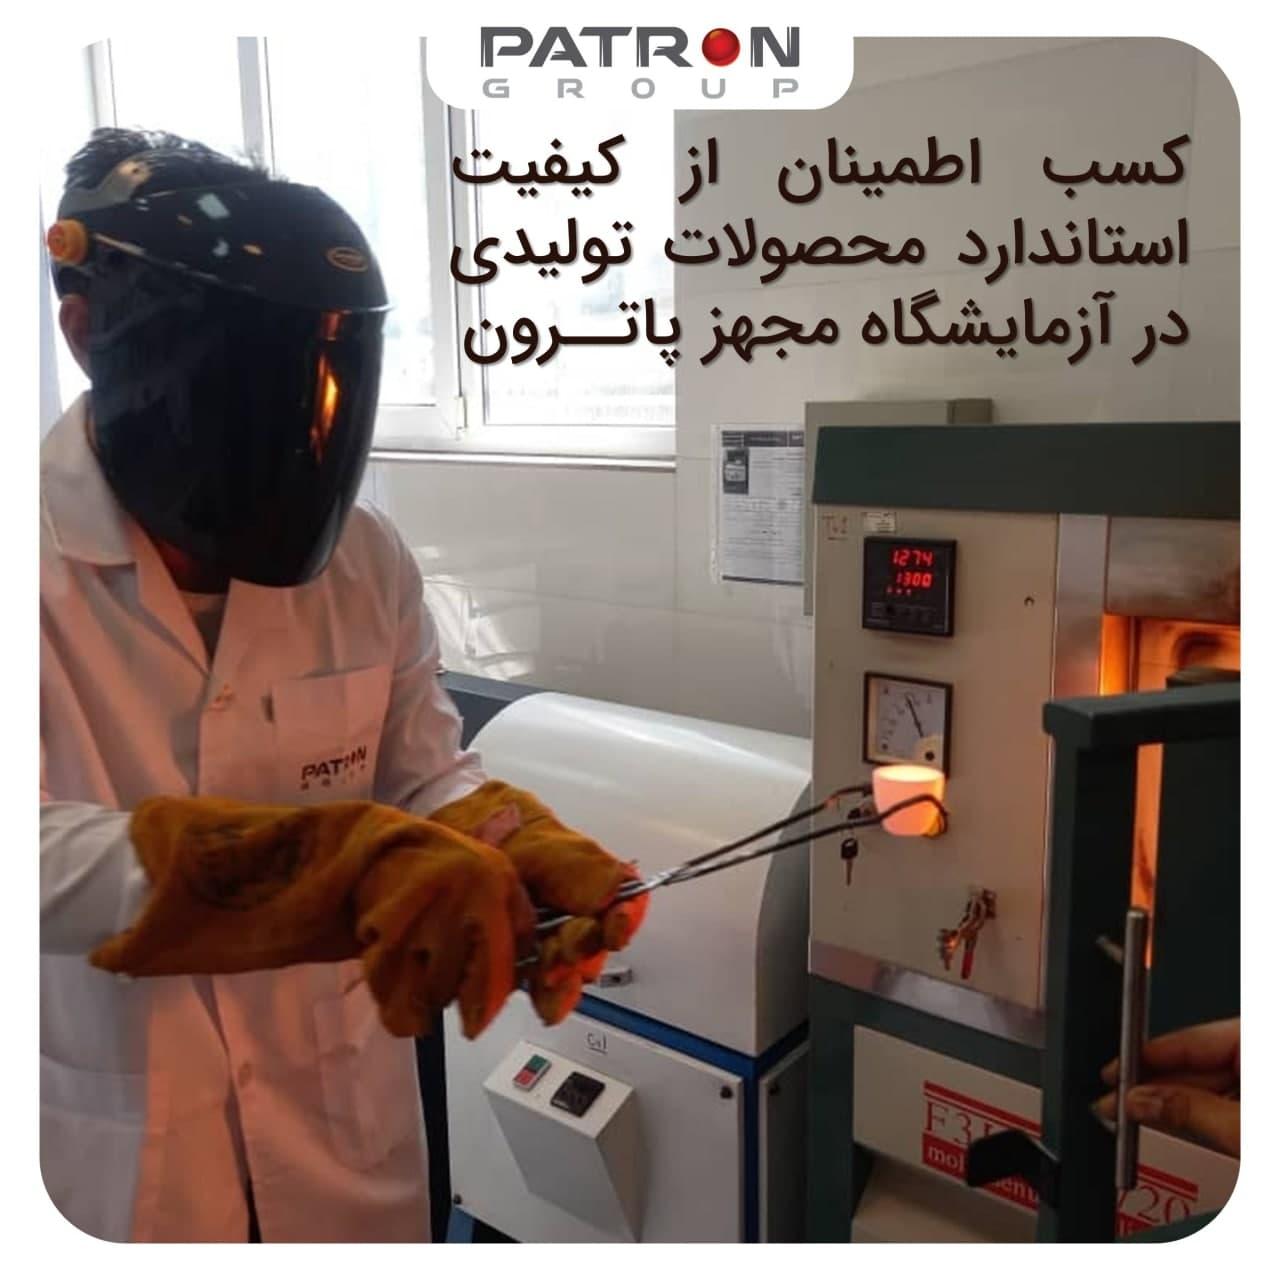 اطمینان از کیفیت استاندارد محصولات تولیدی